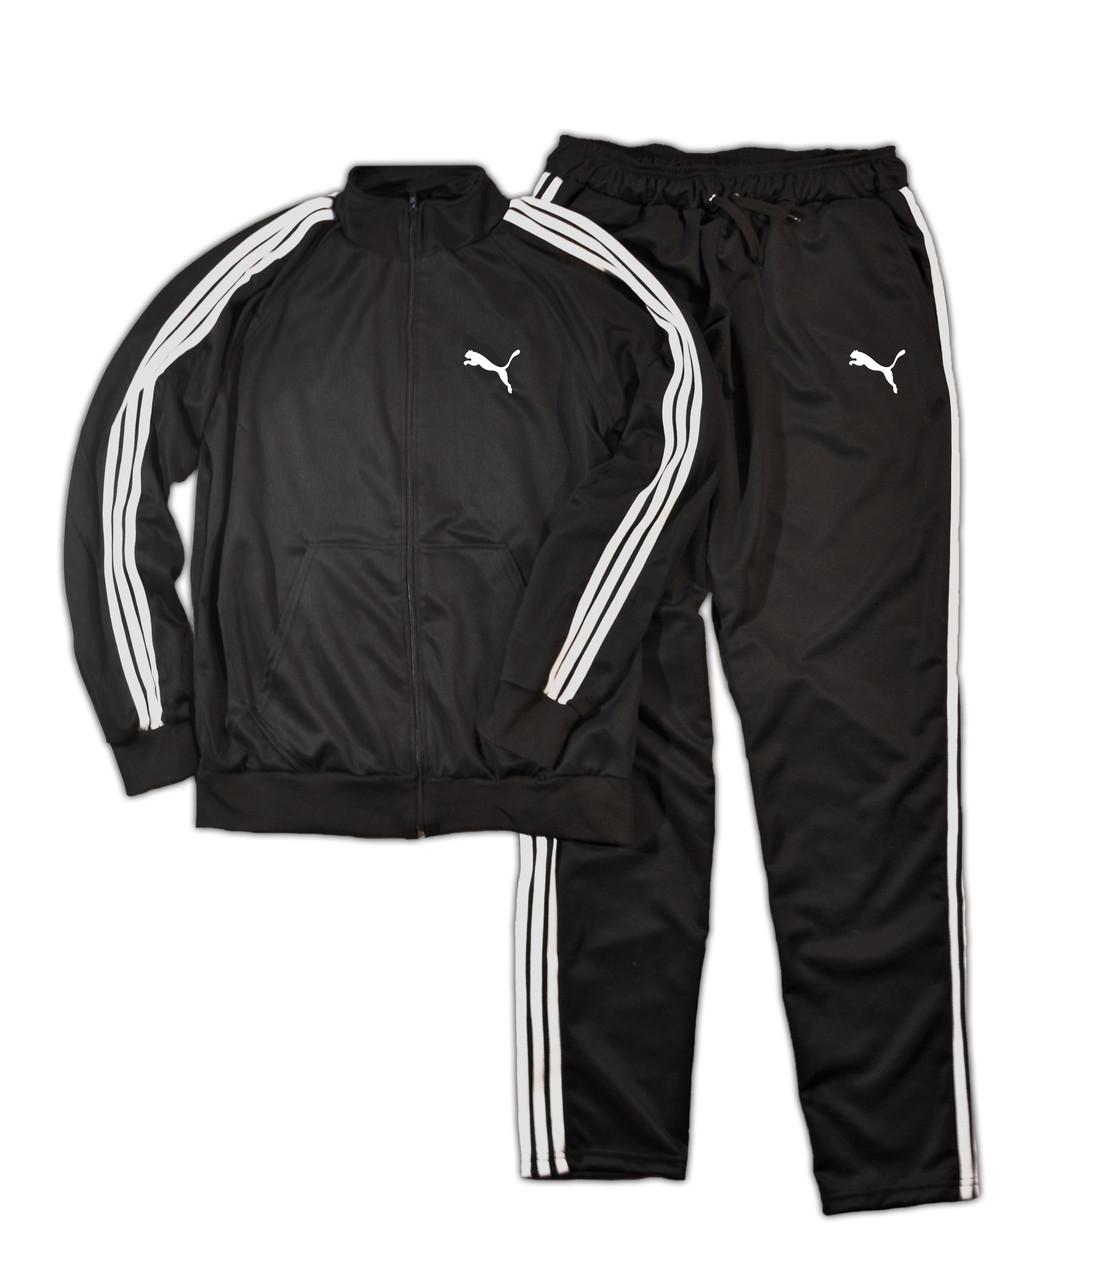 Чоловічий спортивний костюм Puma для тренувань (Пума)